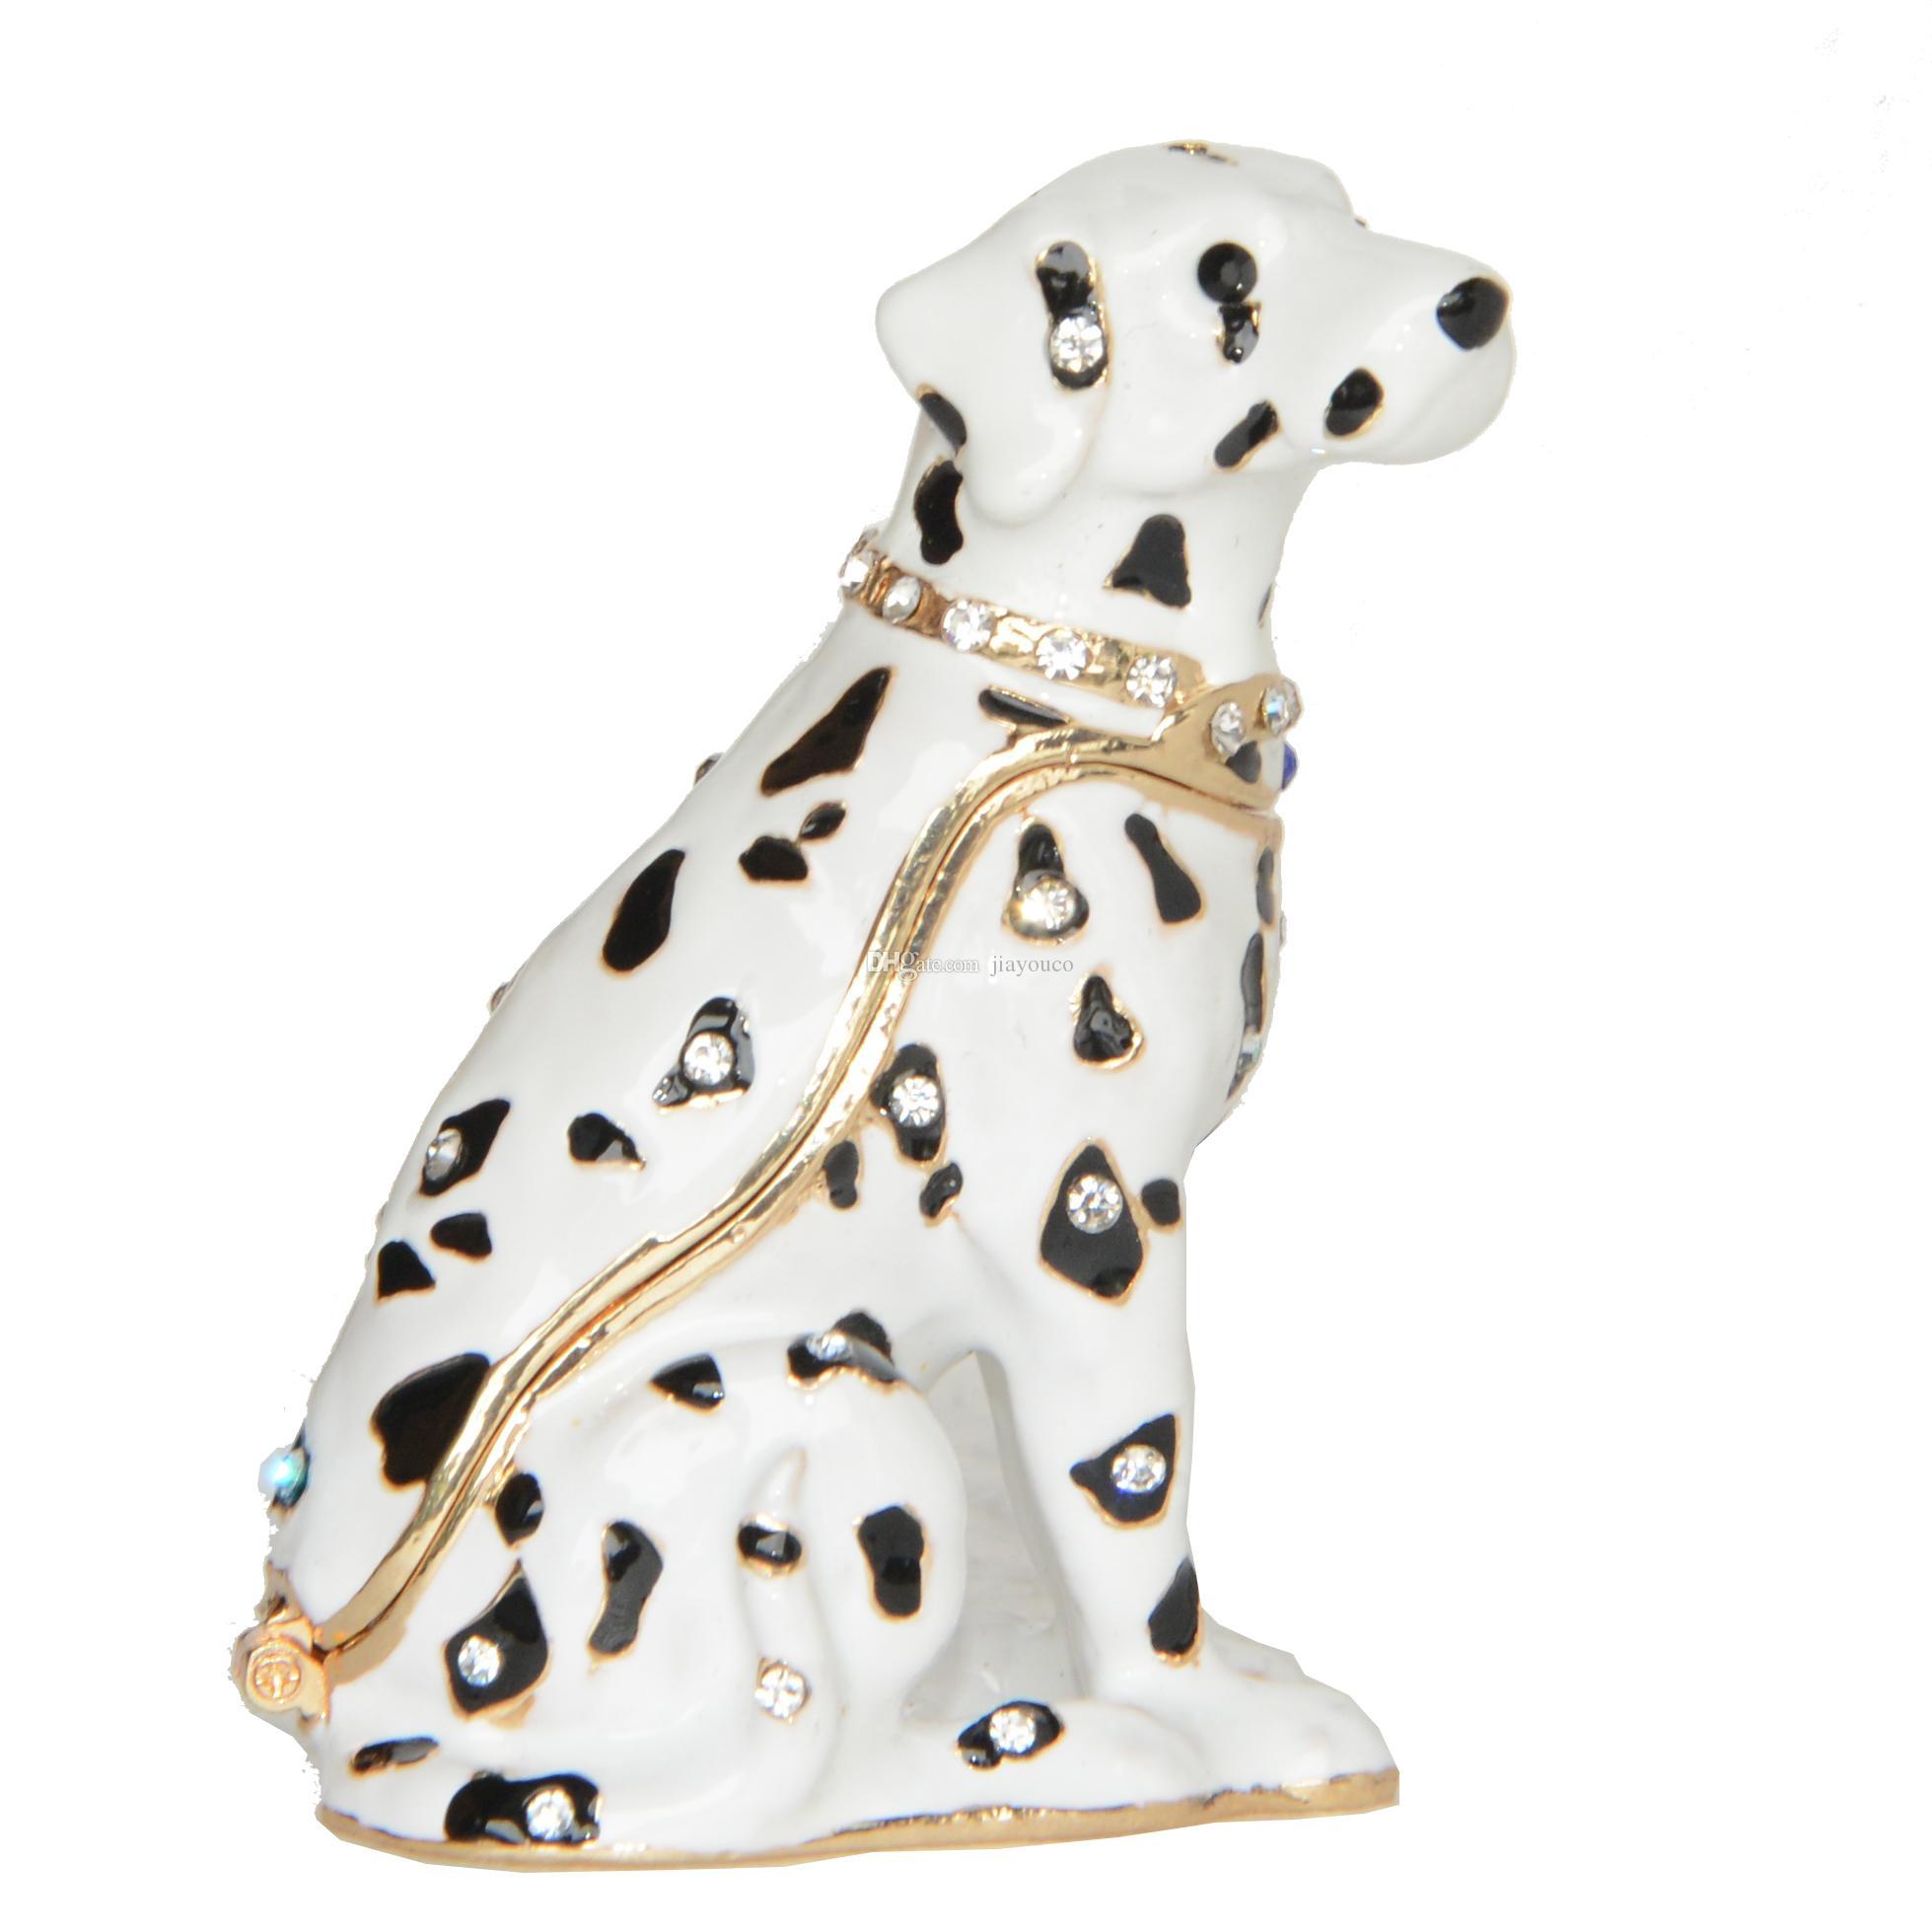 Bijou Dalmatien En émail Trinket Box Puppy Chien Figurine En Métal Décoration Cadeaux De Nouveauté